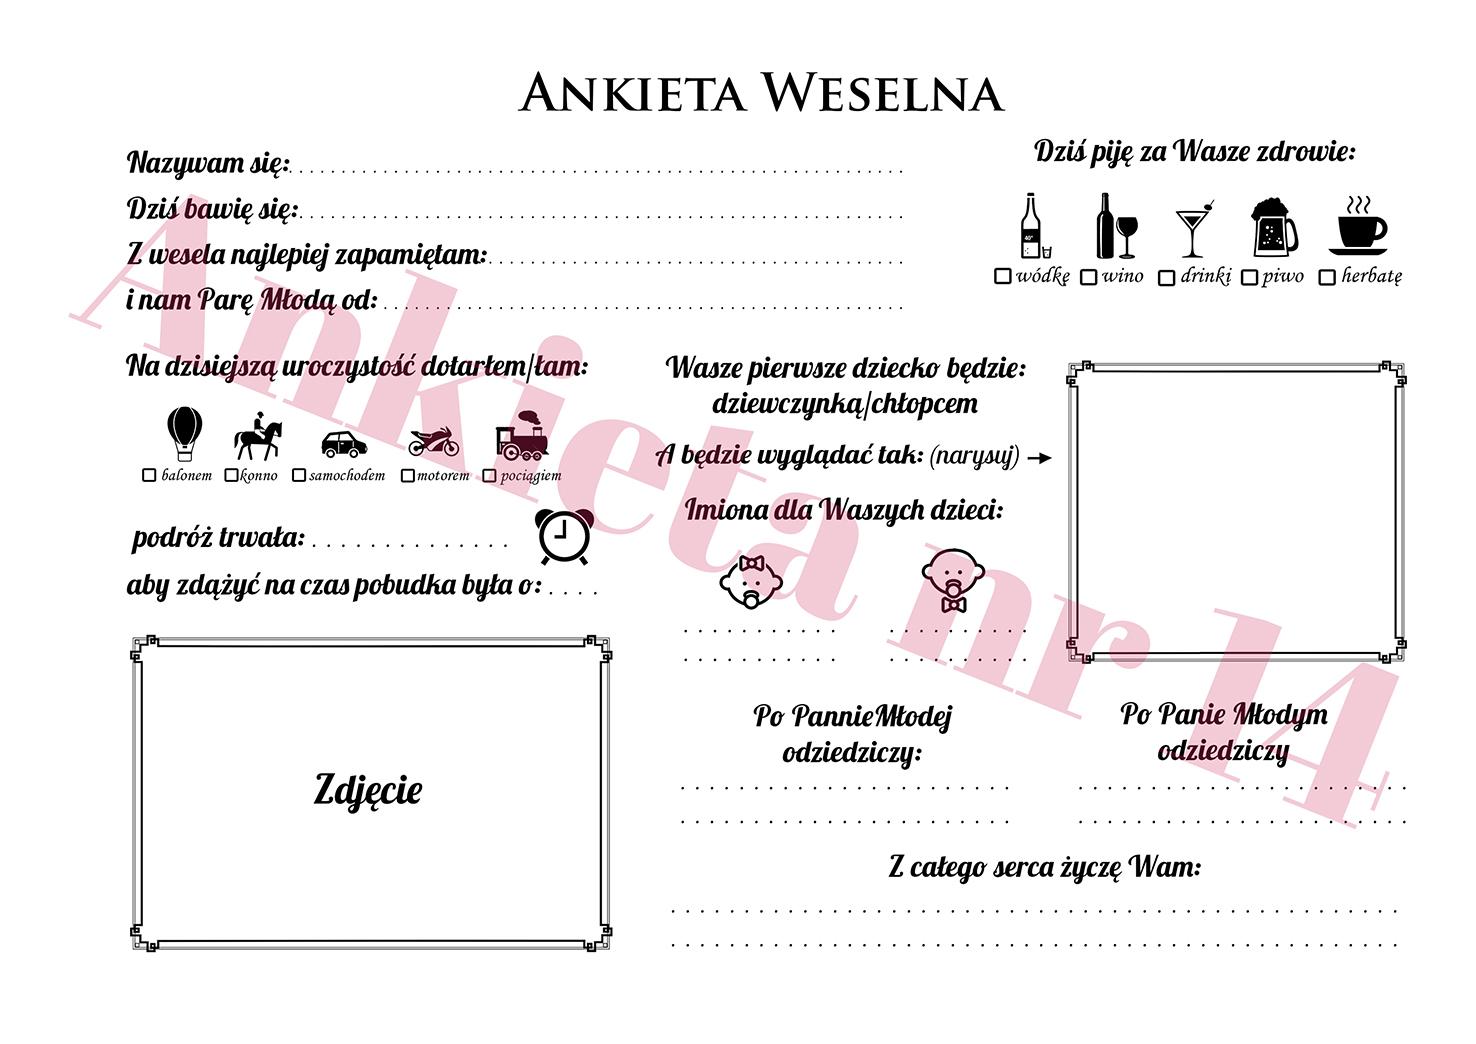 Ankieta weselna instax zdjęcia